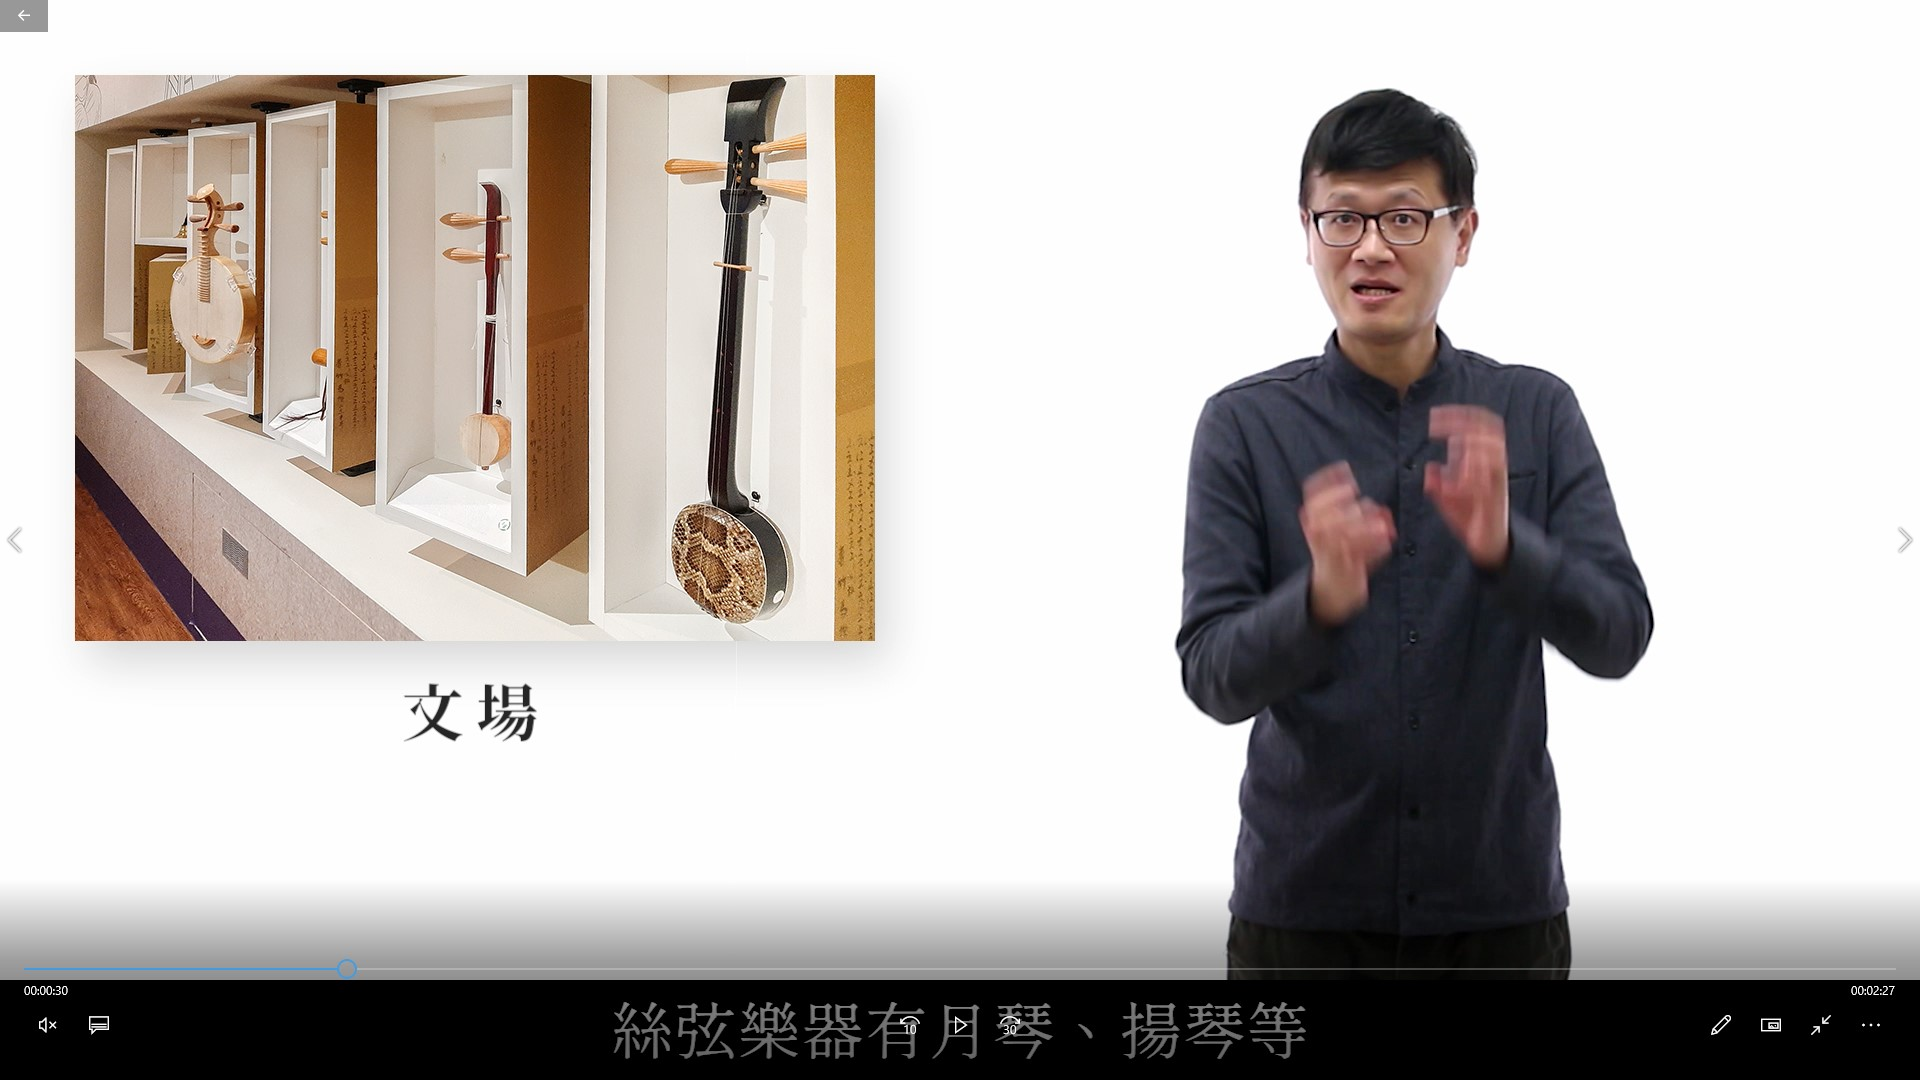 「憨子弟.瘋亂彈 臺灣北管藝術大展」手語導覽影片-11北管樂音